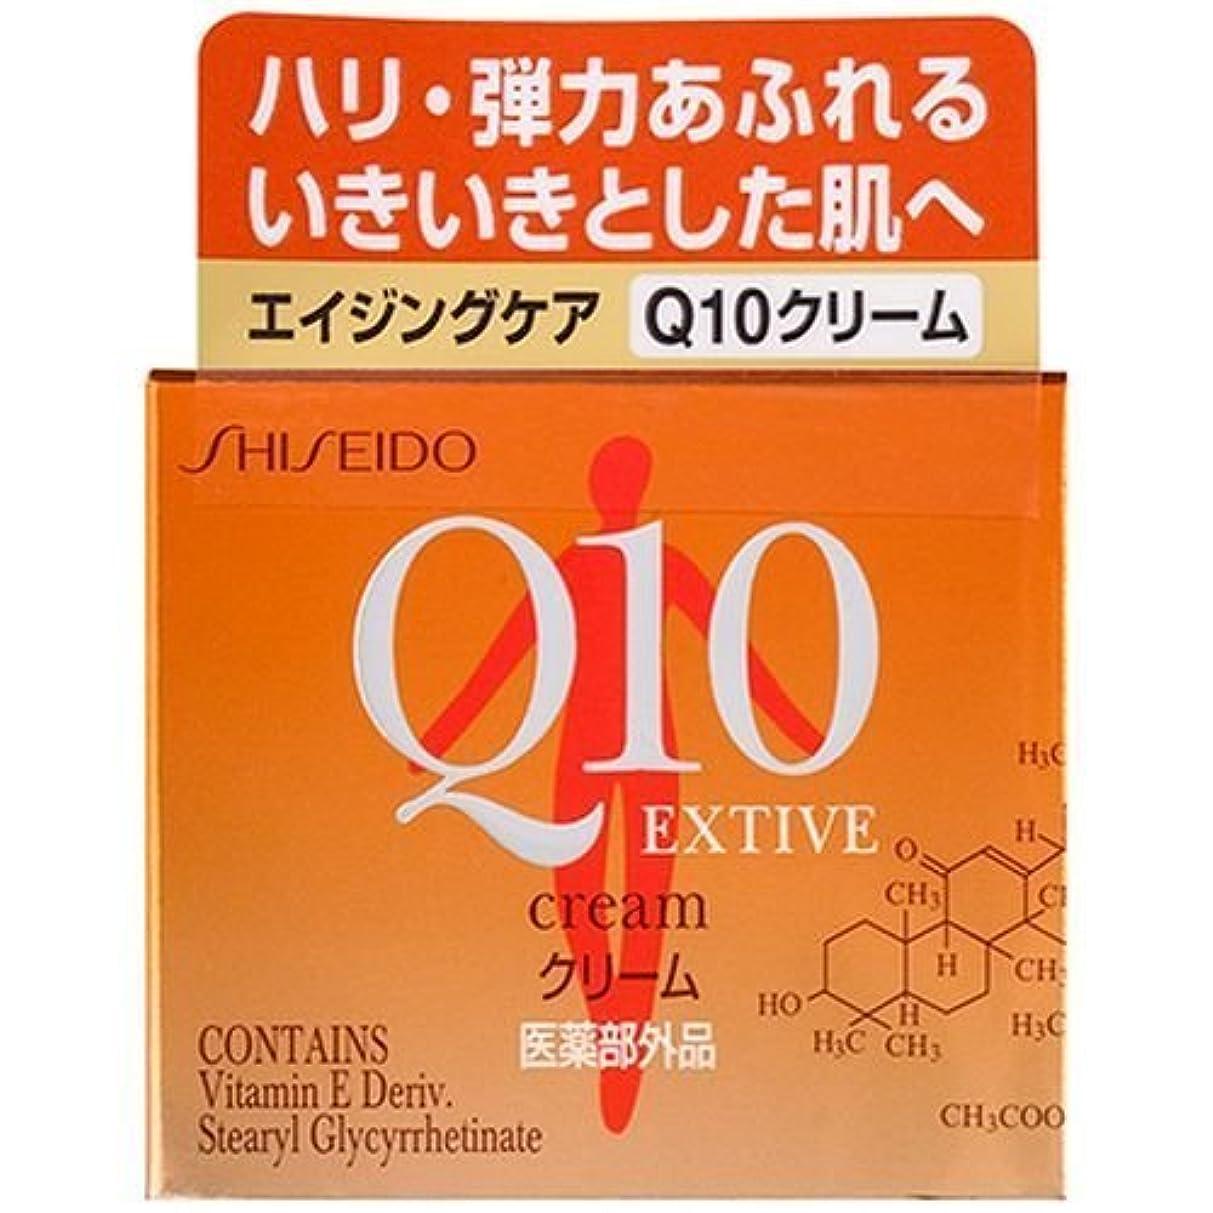 インサート運ぶ憂鬱資生堂 Q10 クリーム 30g (エクティブクリーム)